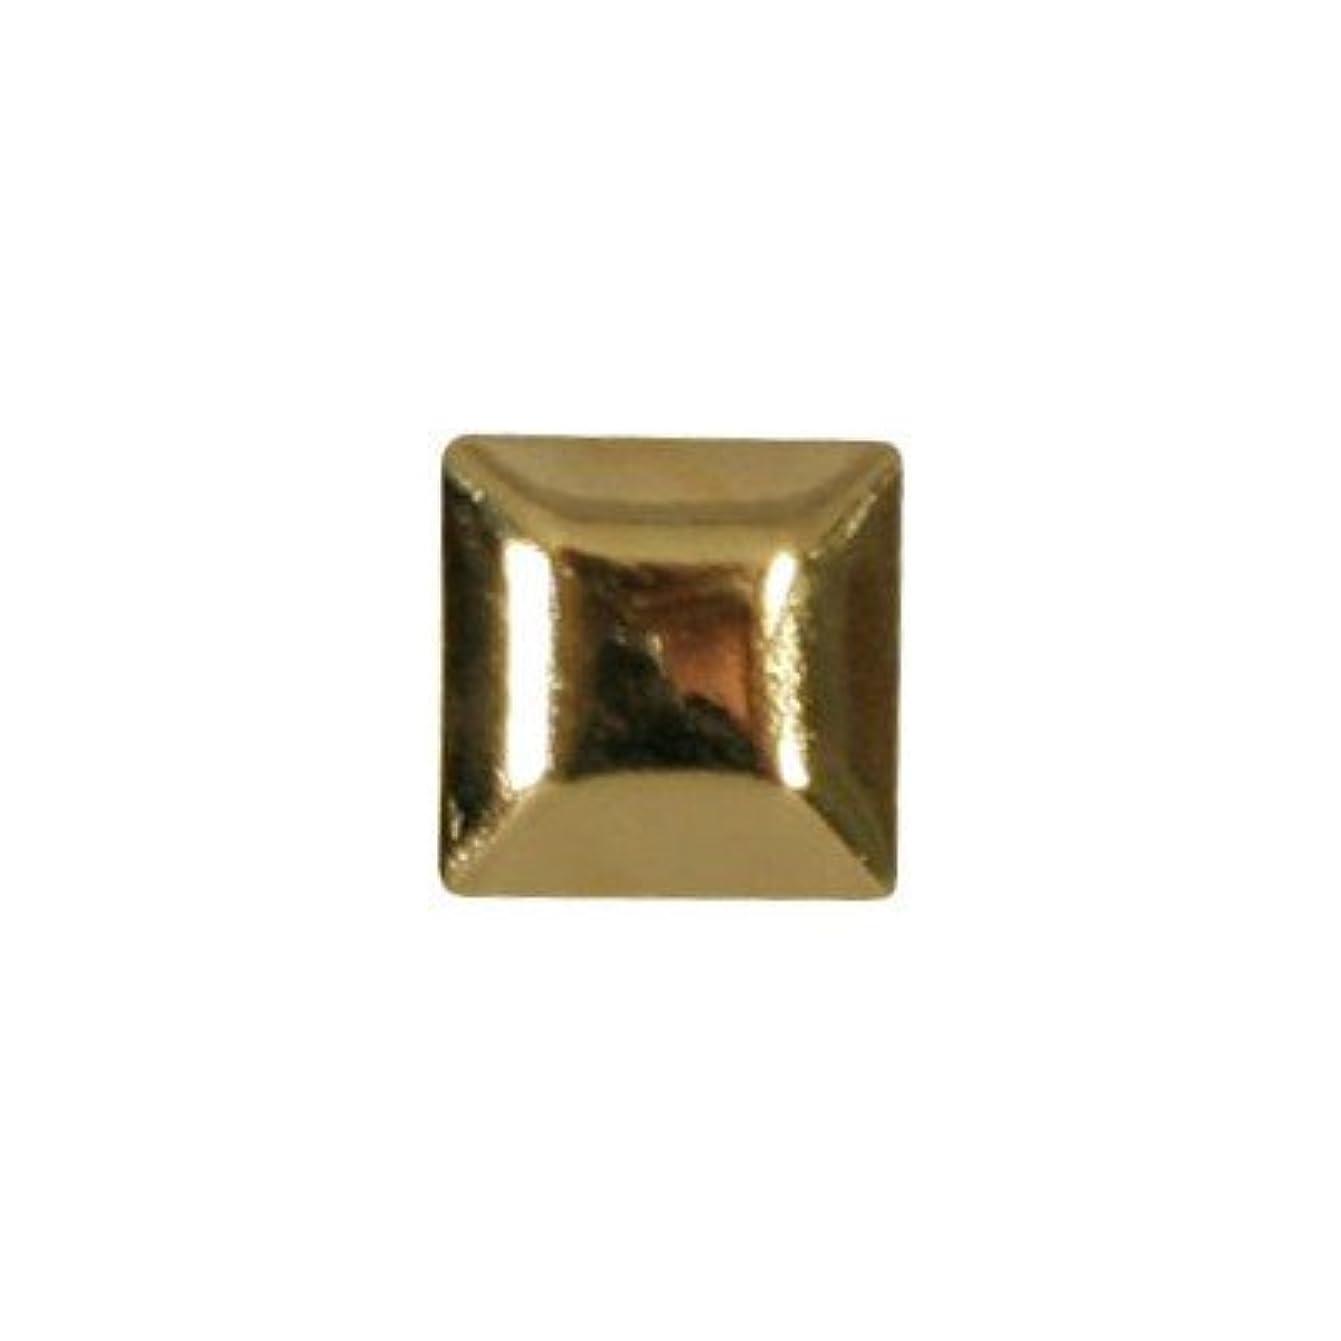 人工正規化エコーピアドラ スタッズ メタルスクエア 4mm 30P ゴールド